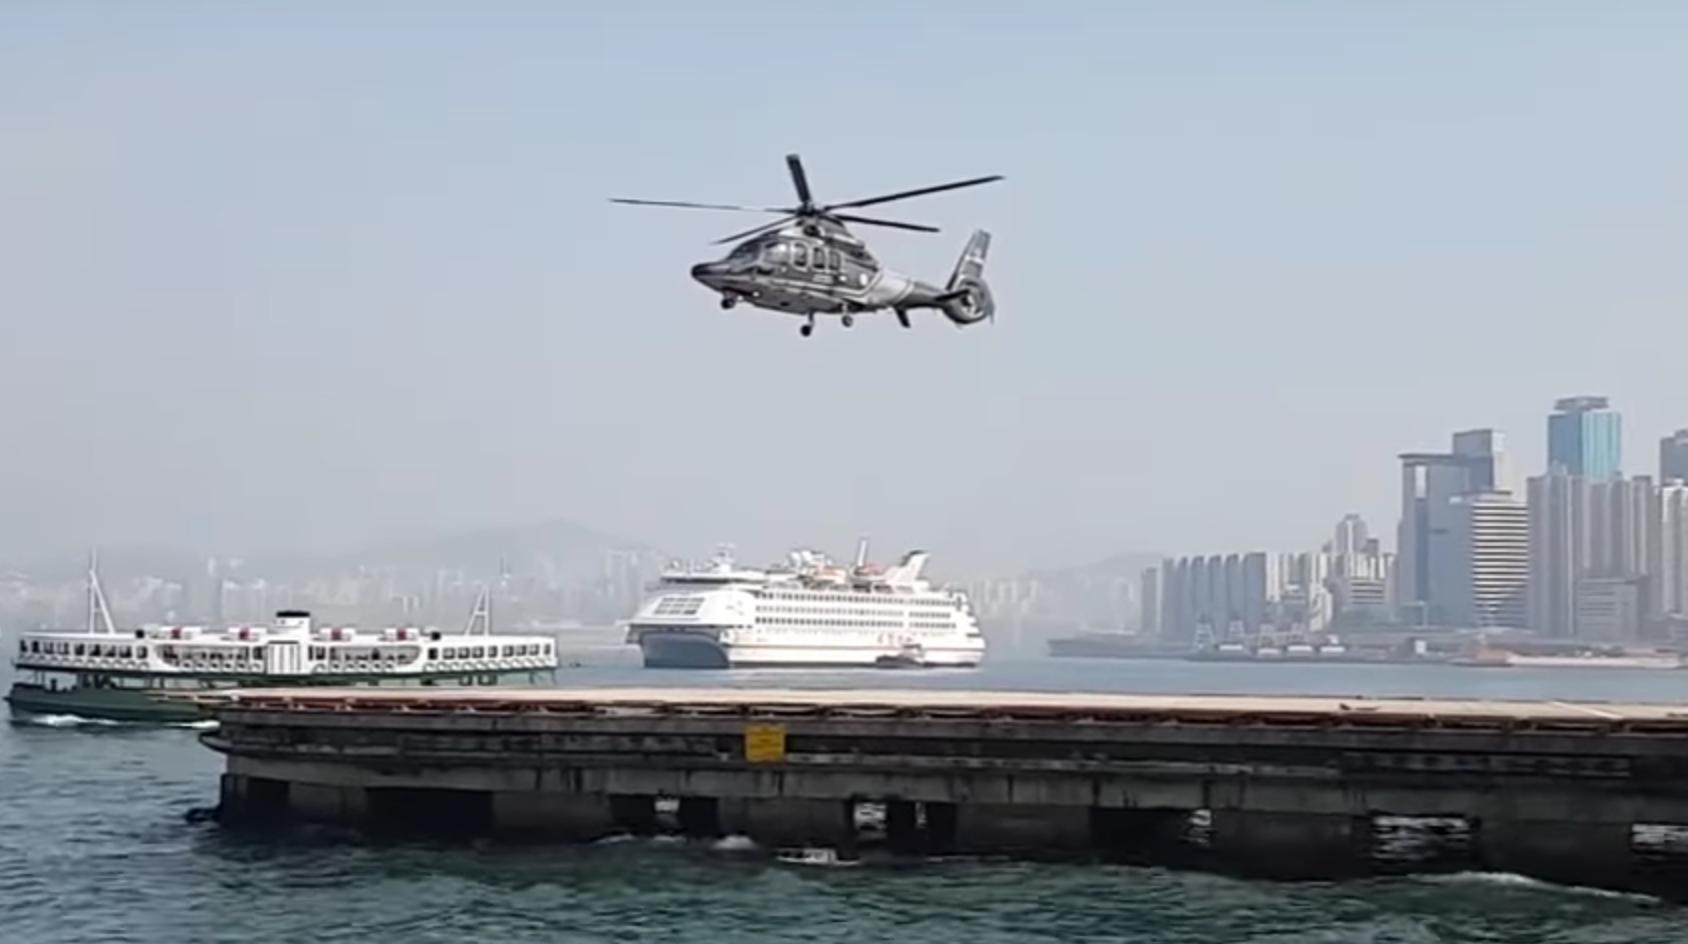 不是魔法也非後製,這個影片中直升機看來螺旋槳沒有轉動卻升空的奇妙原理